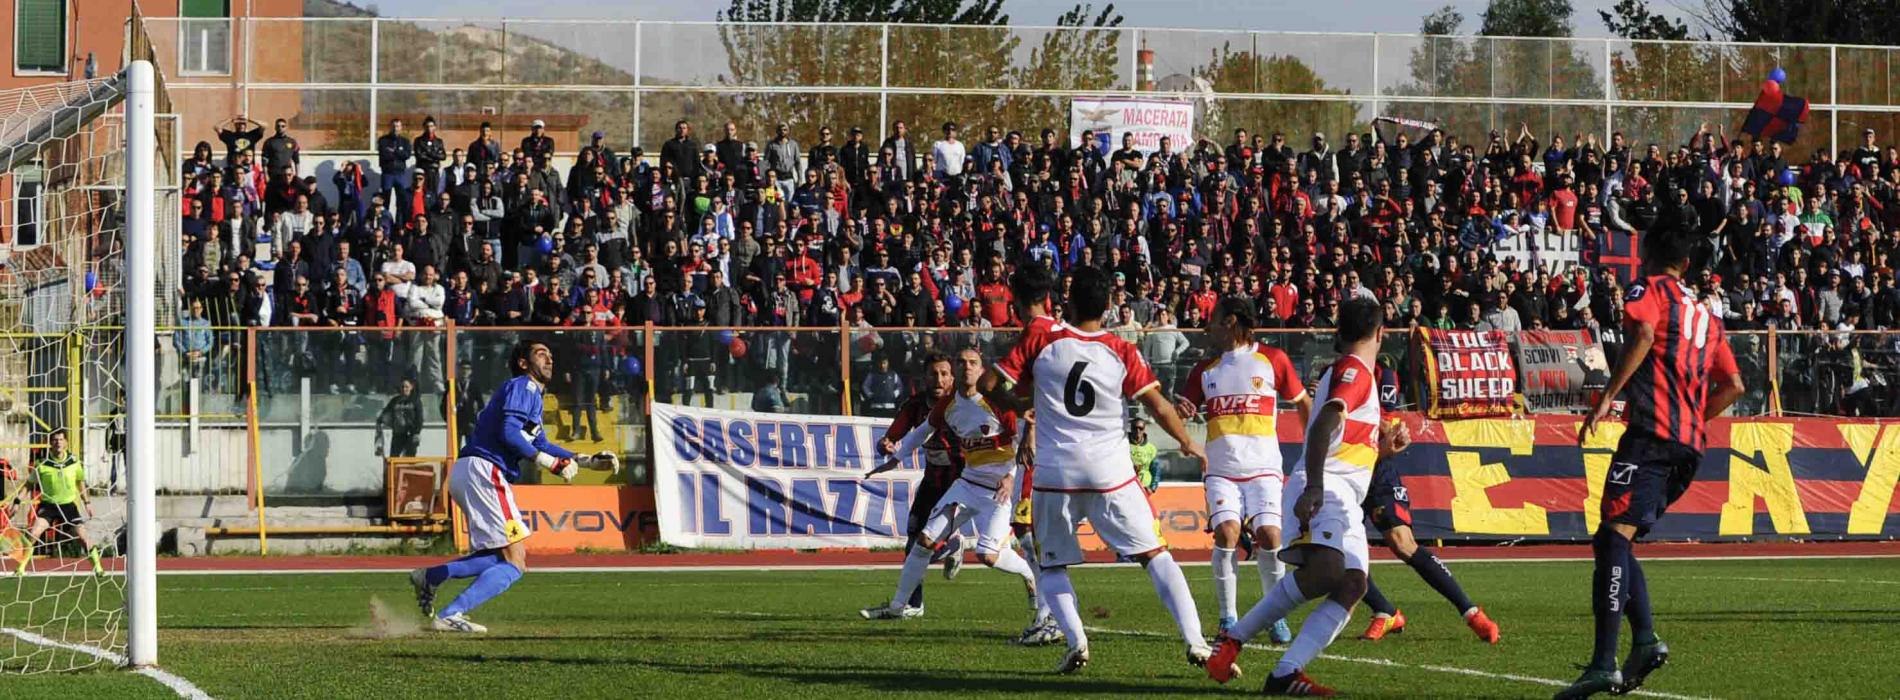 Una Casertana stregata dal Benevento perde per 6-0